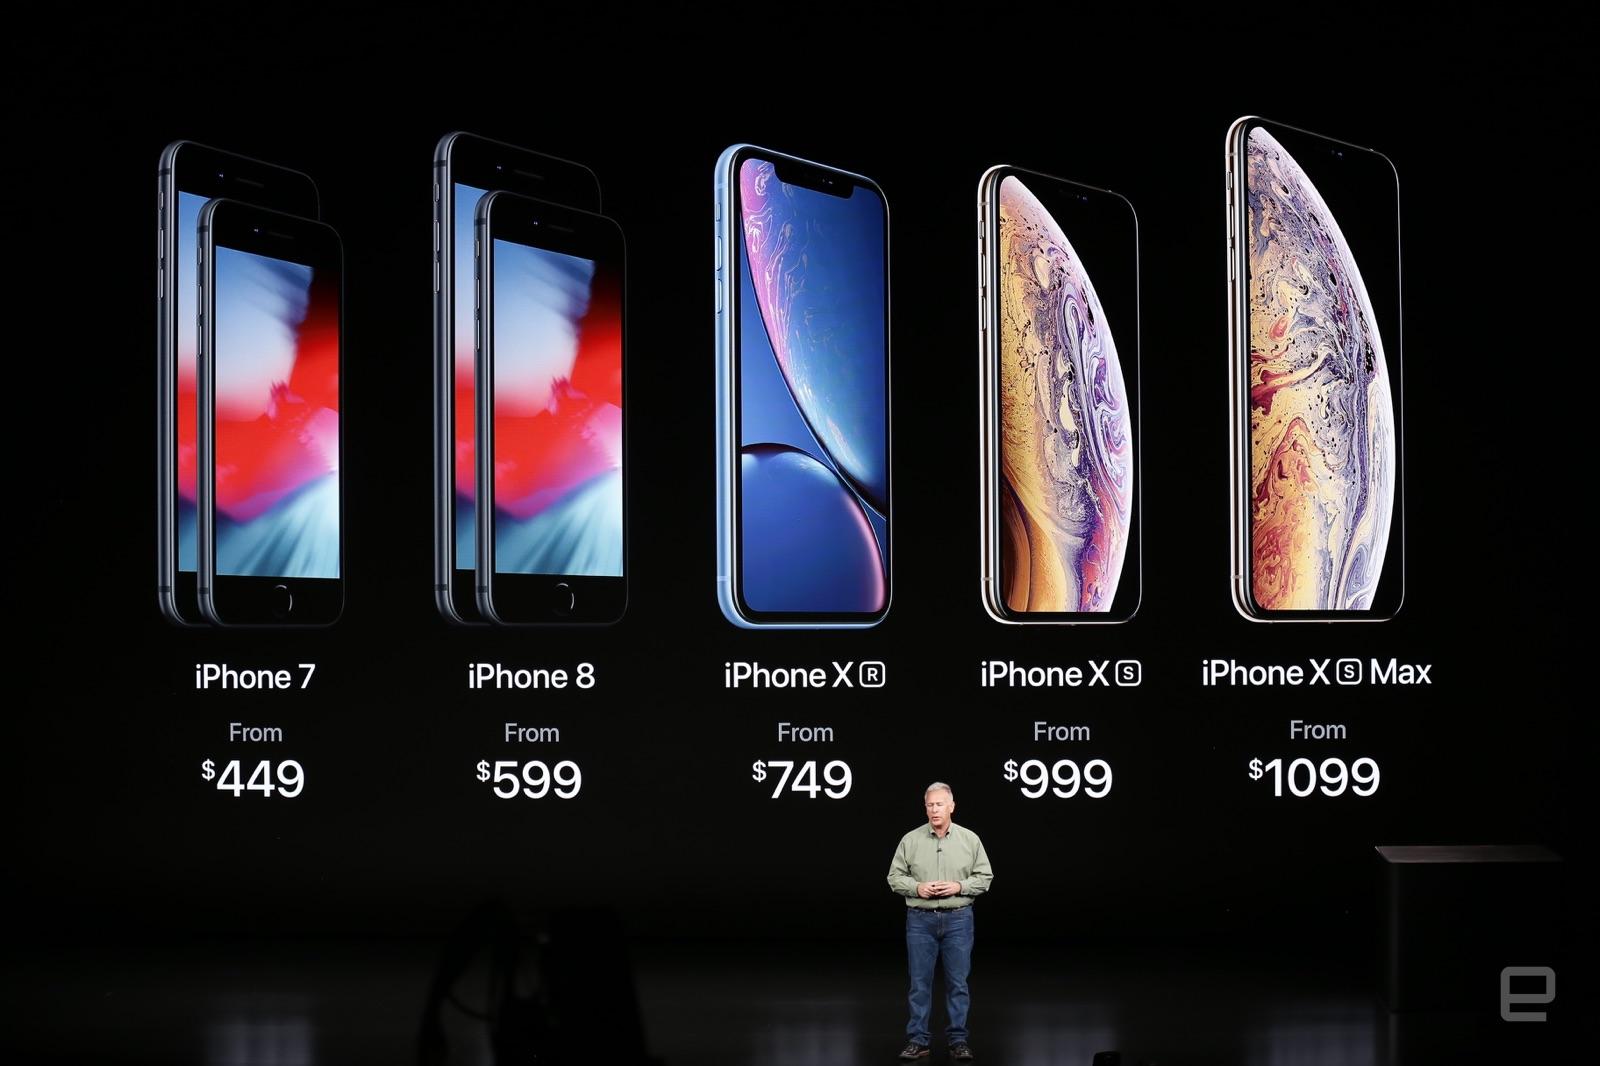 iPhone Xは販売終了、6s・SEも同様。iPhone 7と8は値下げで併売